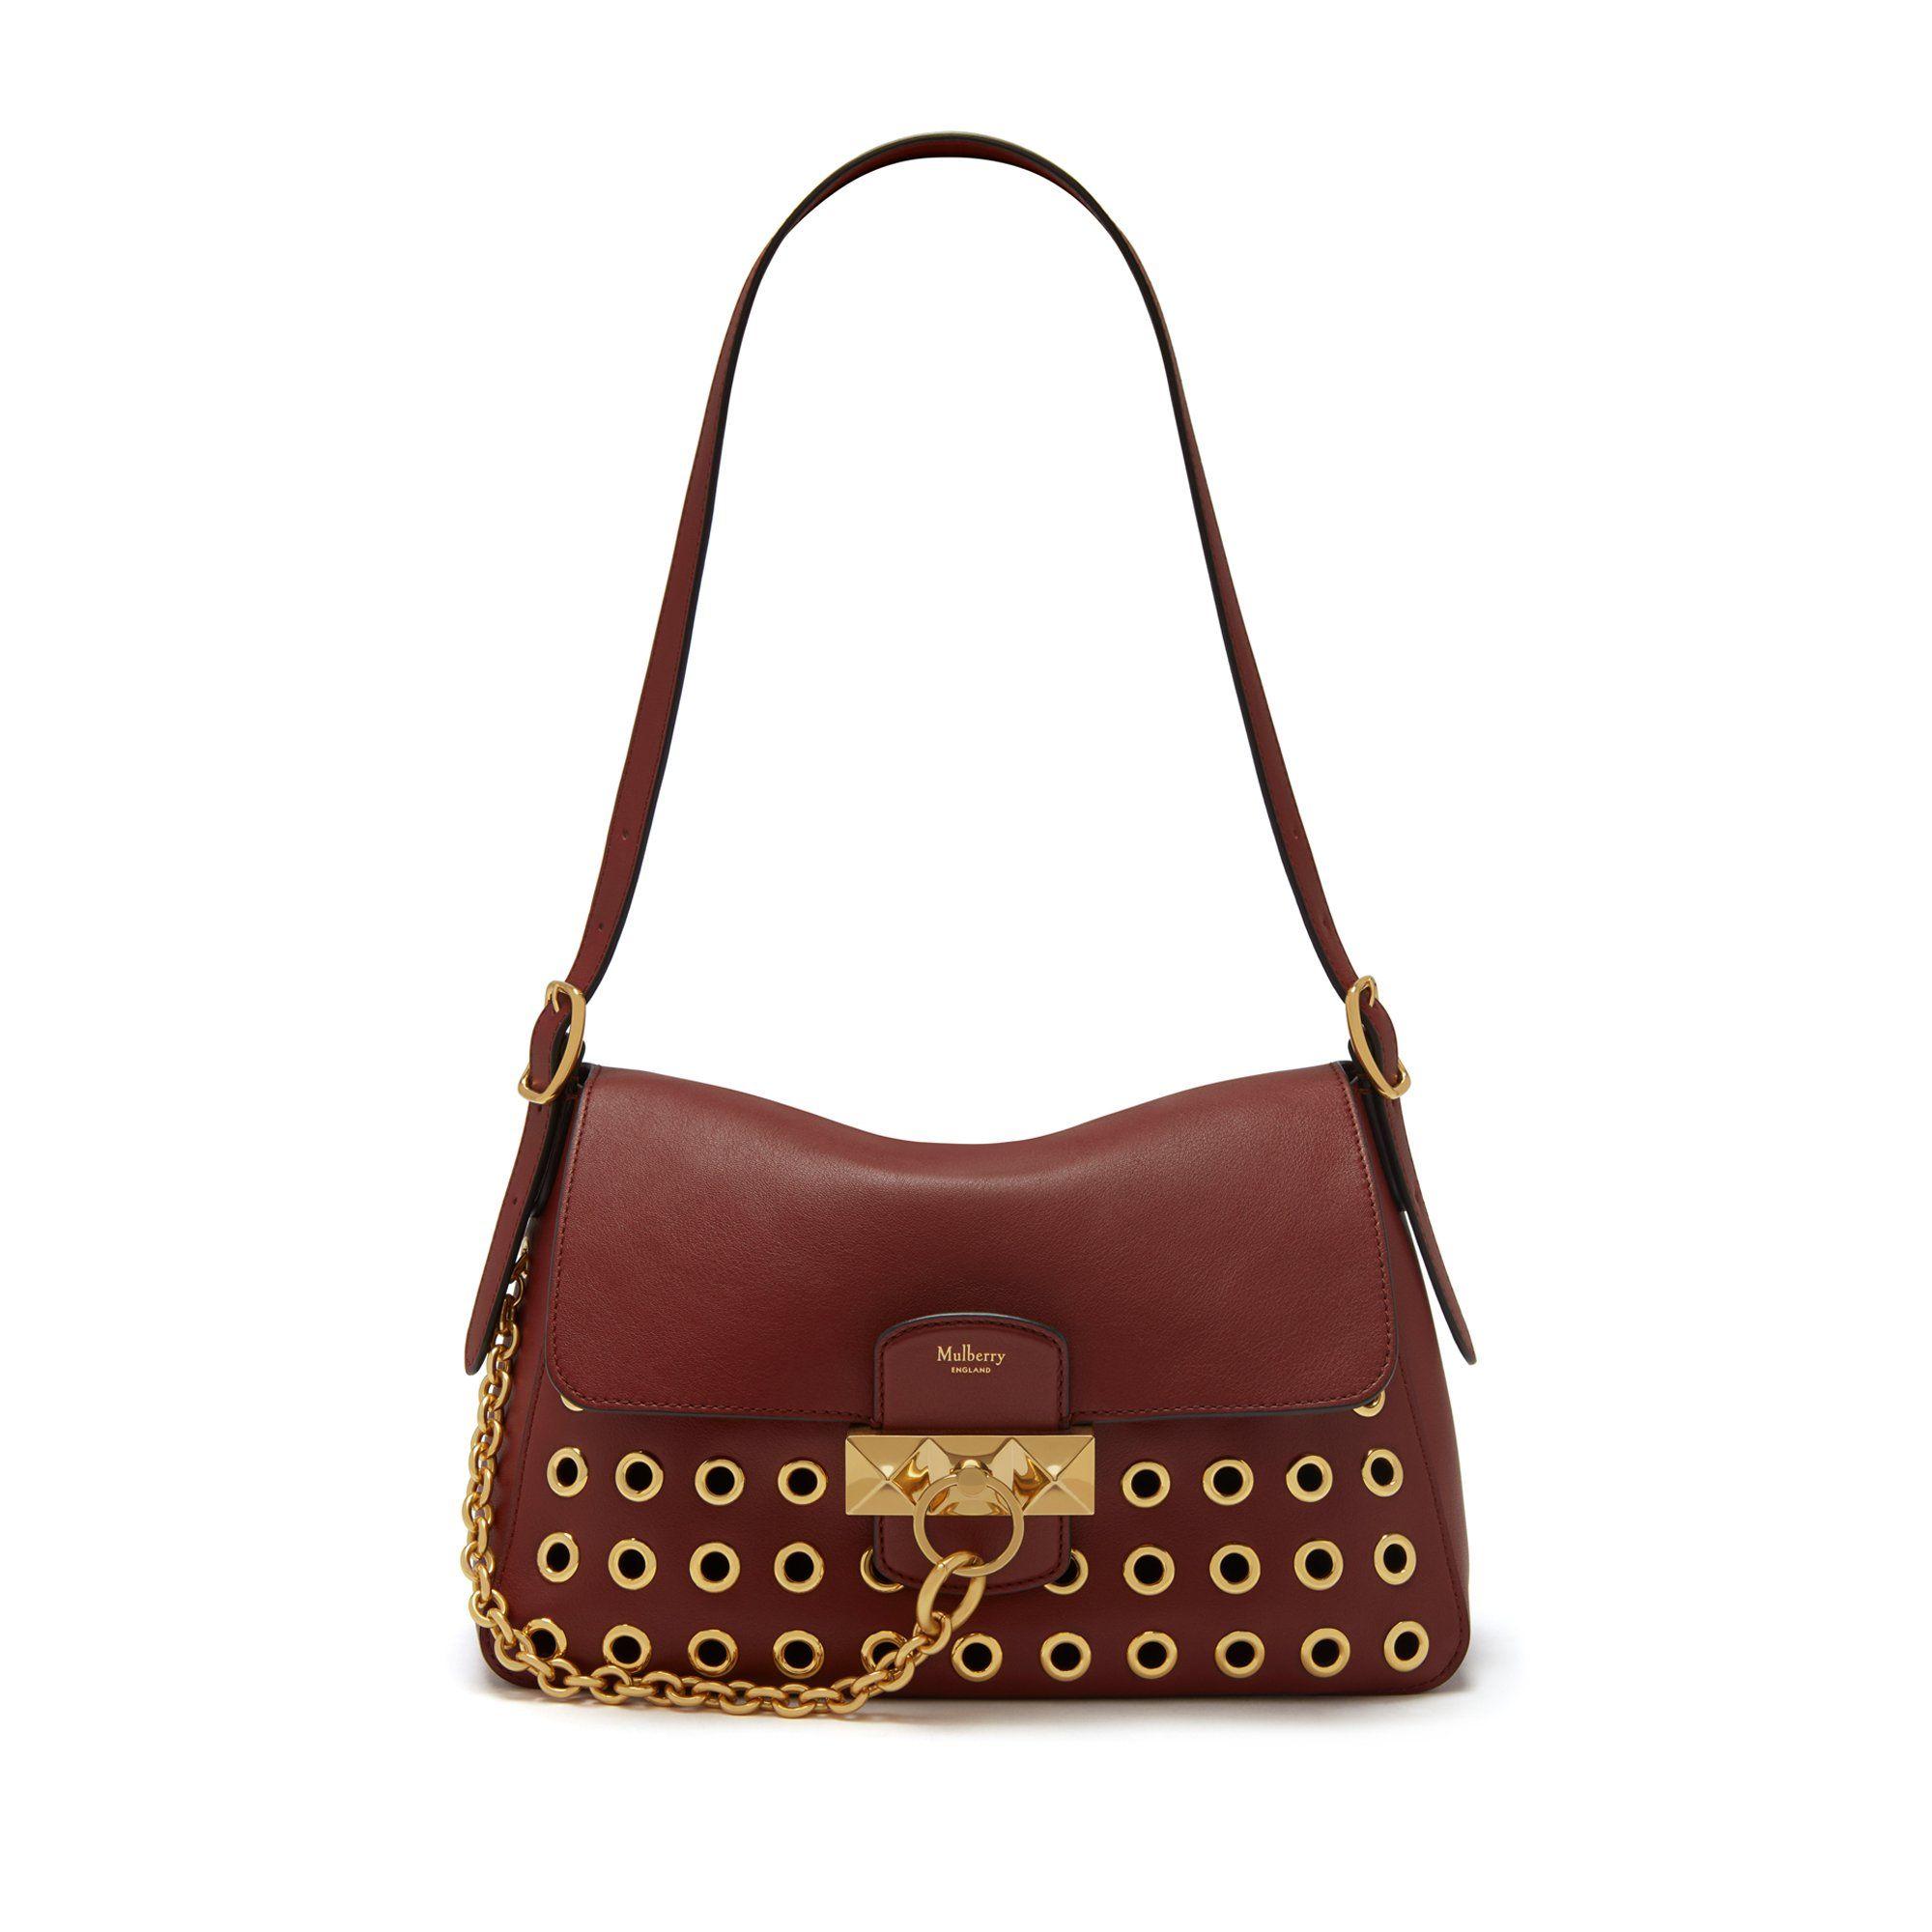 6f55fba4277 Women's Bags | Women | Mulberry